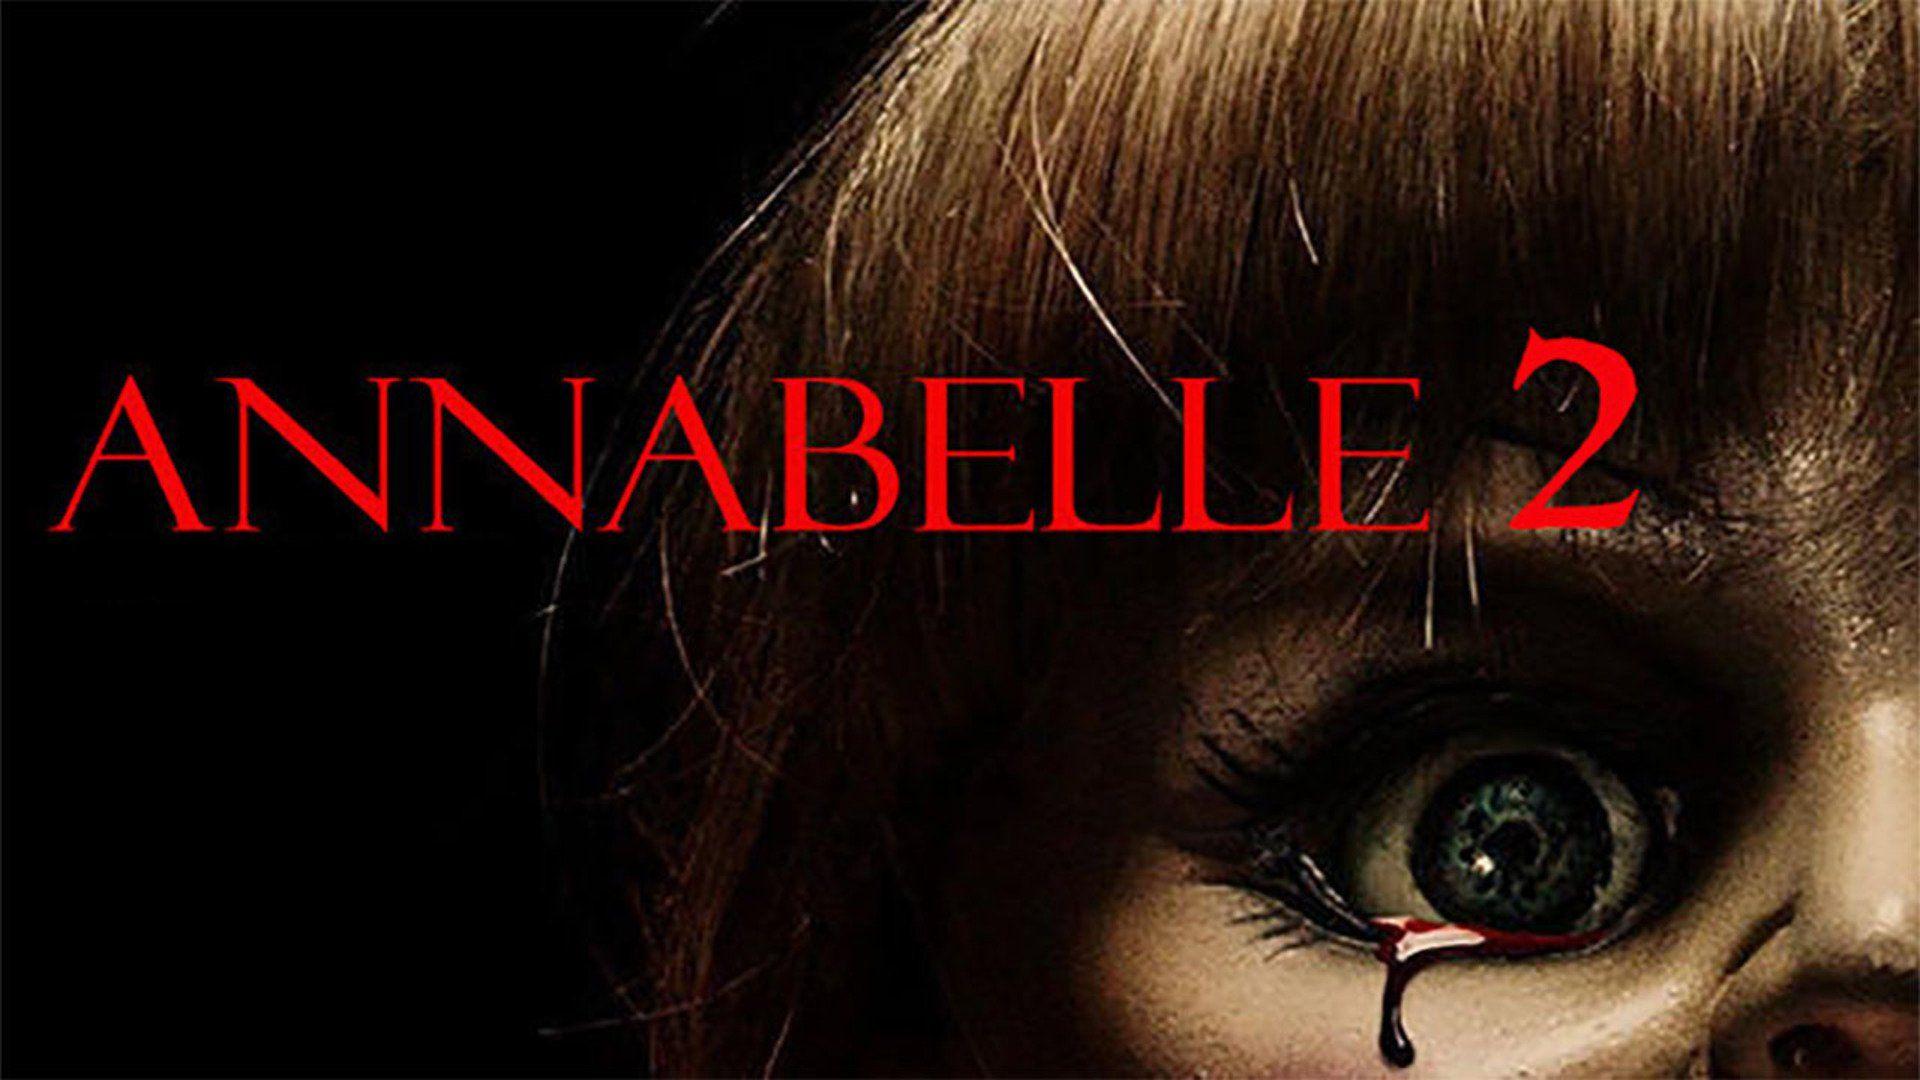 Annabelle 2 Full Movie